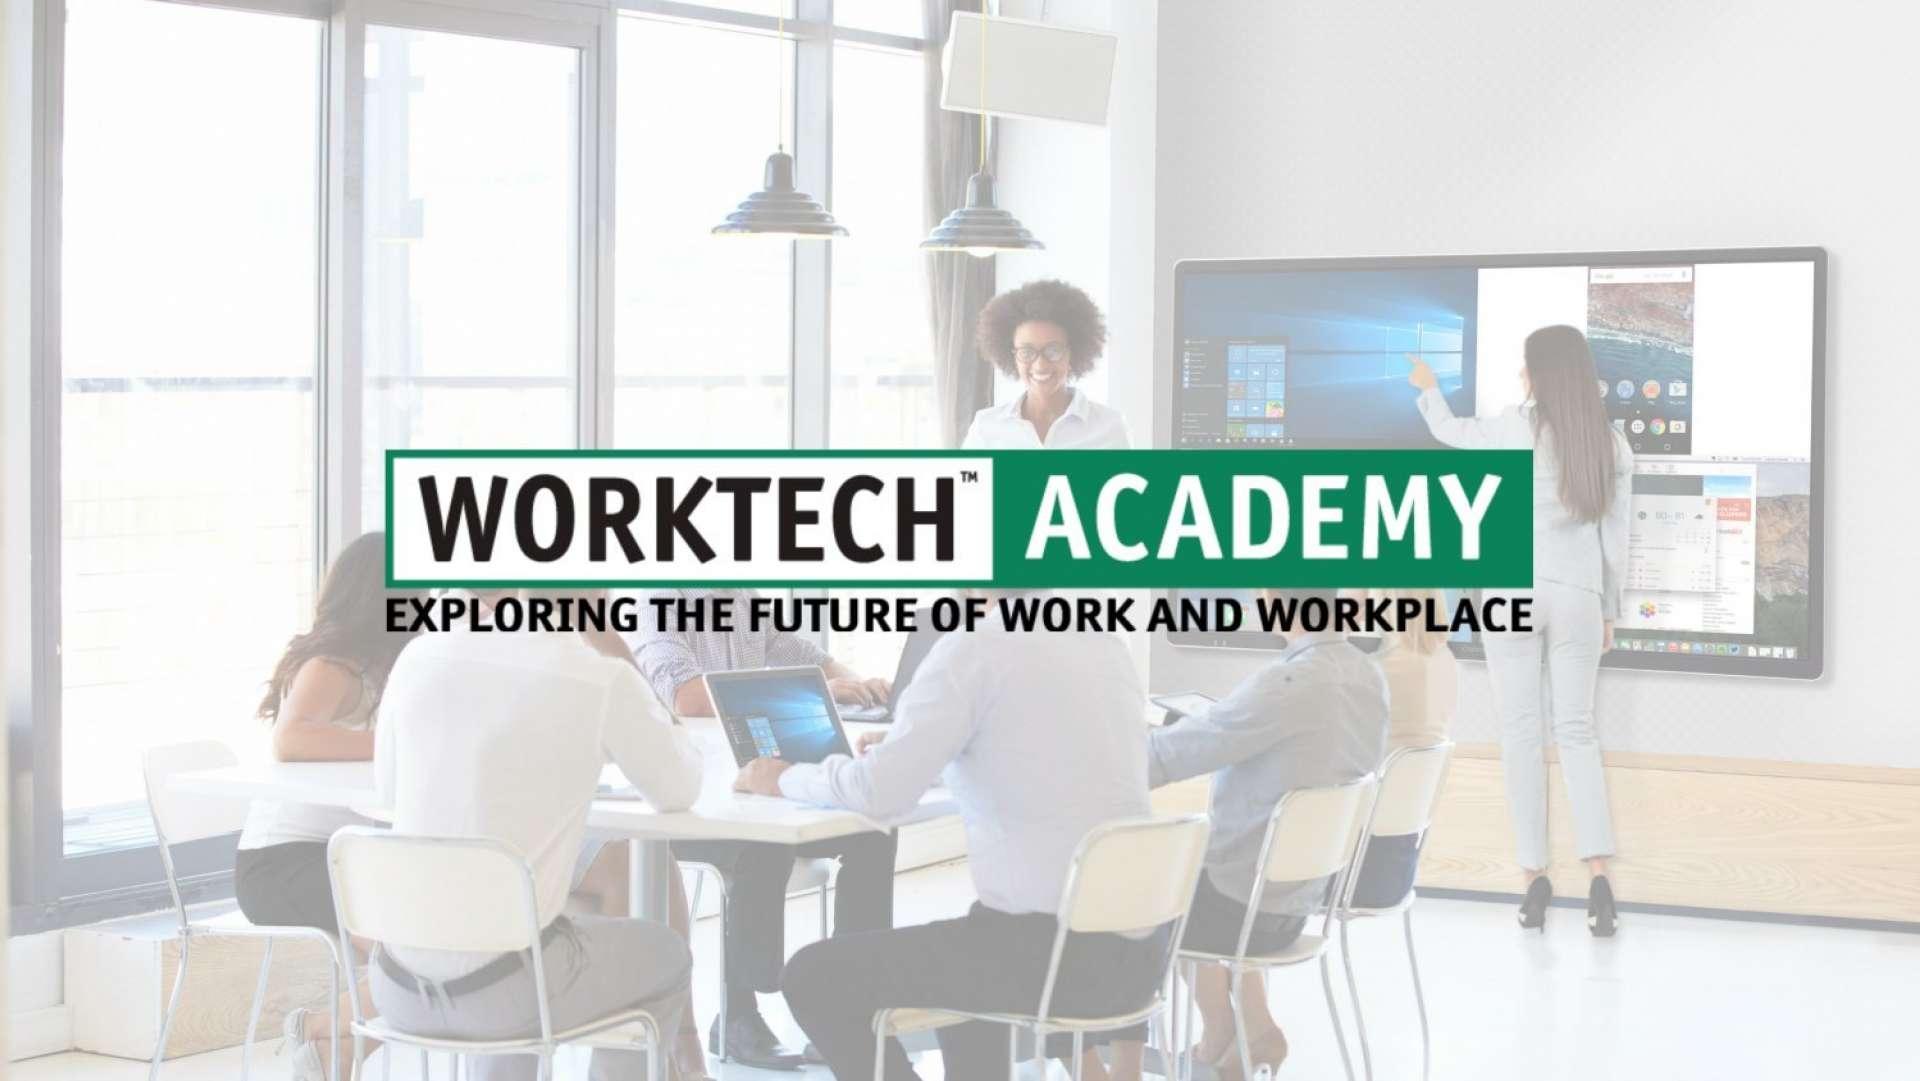 Worktechacademy